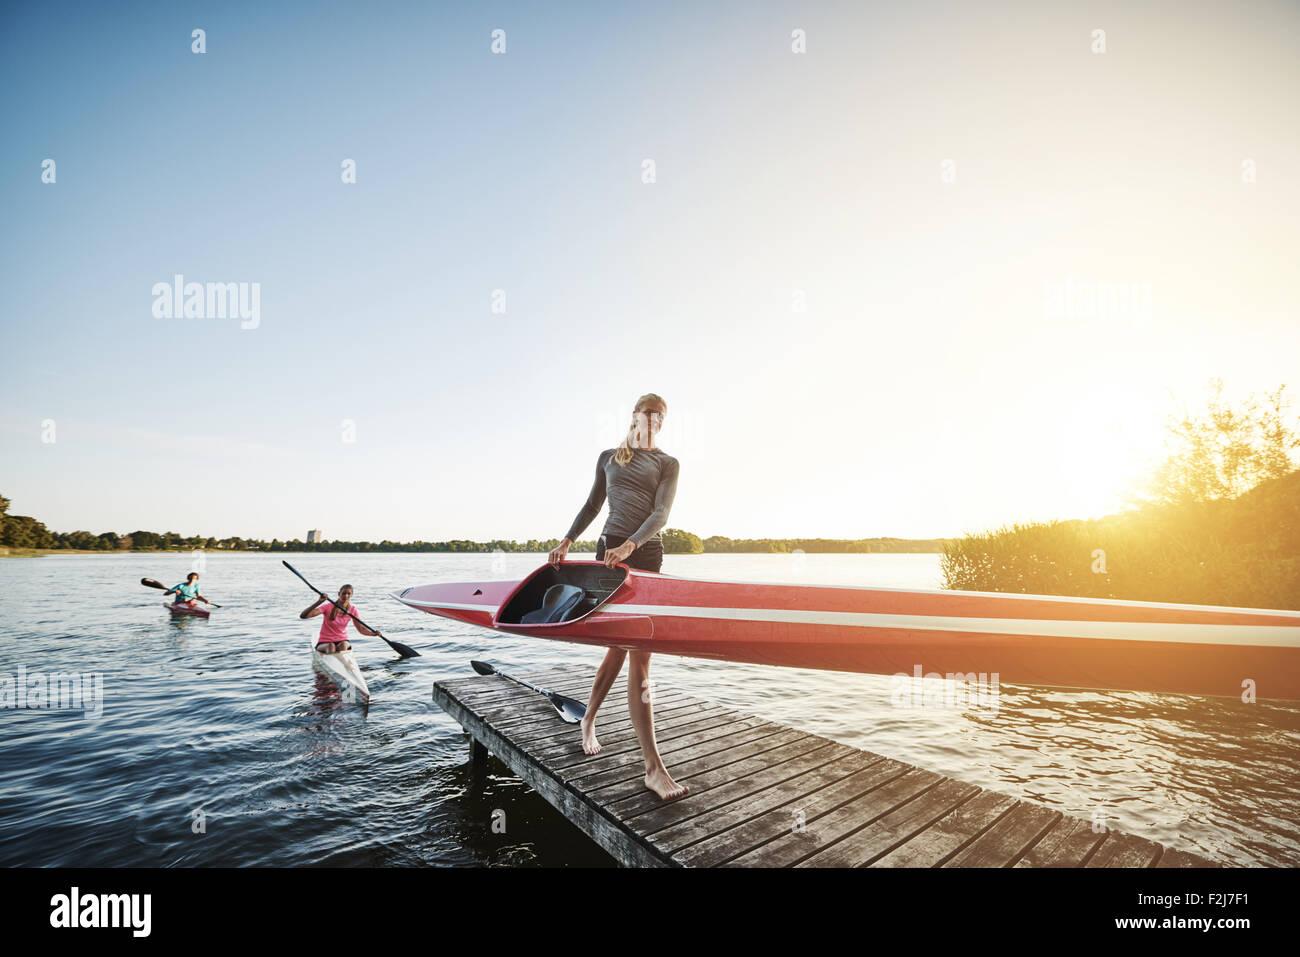 Après la formation de l'équipe d'aviron de sortir de l'eau Photo Stock